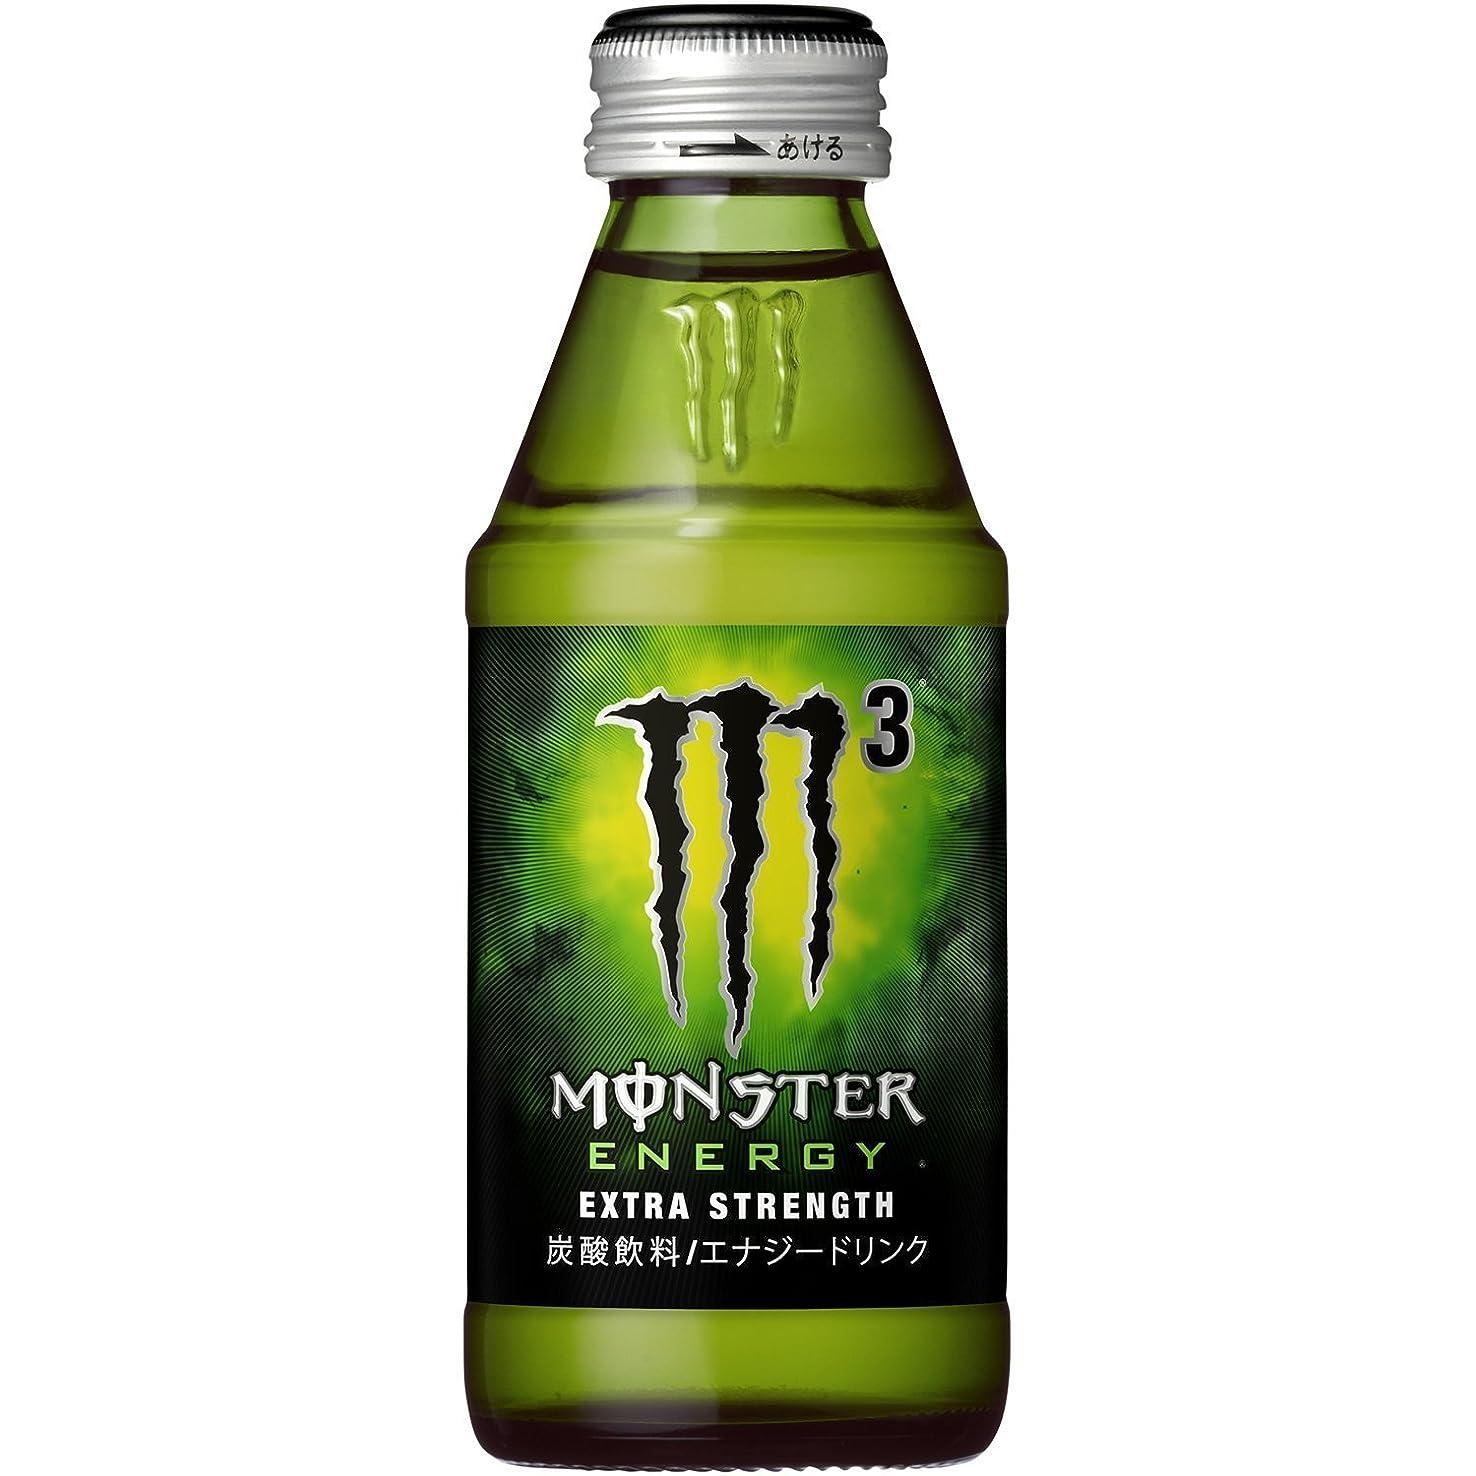 優れましたアナリストローズアサヒ飲料 MONSTER ENERGY (モンスター エナジー)M3 150ml瓶×96本入(24本入り4ケース)